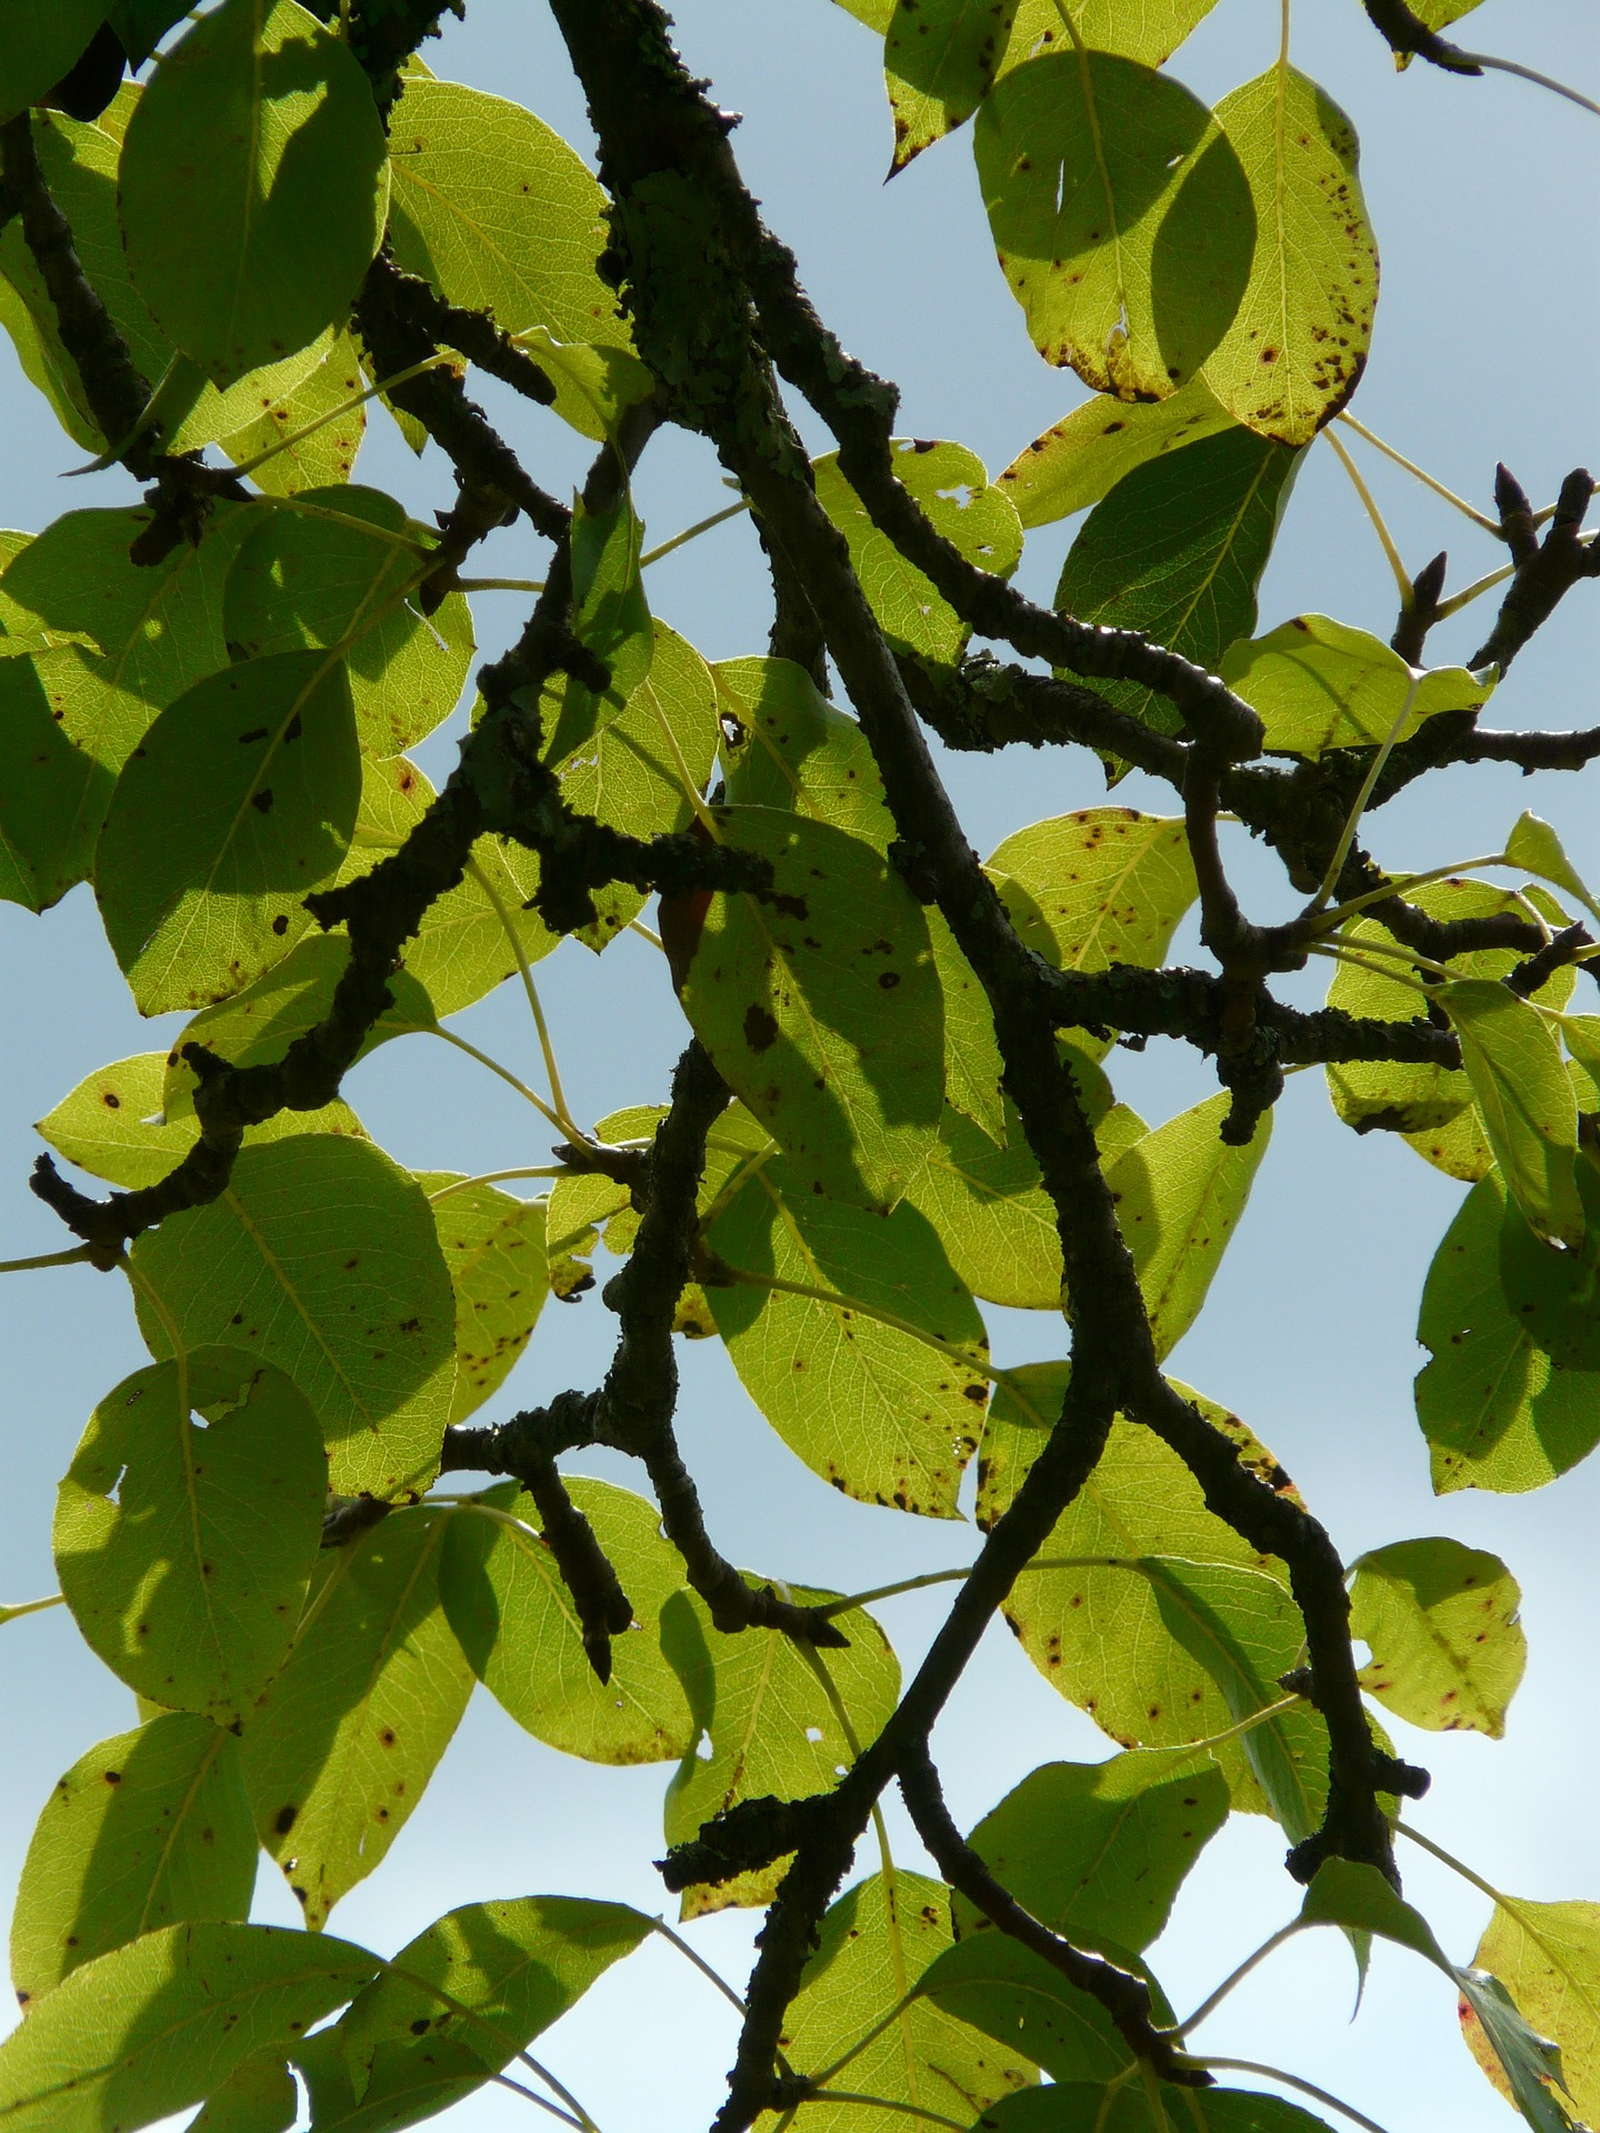 Obstbaume Richtig Schneiden Anleitung Vom Experten Plantura